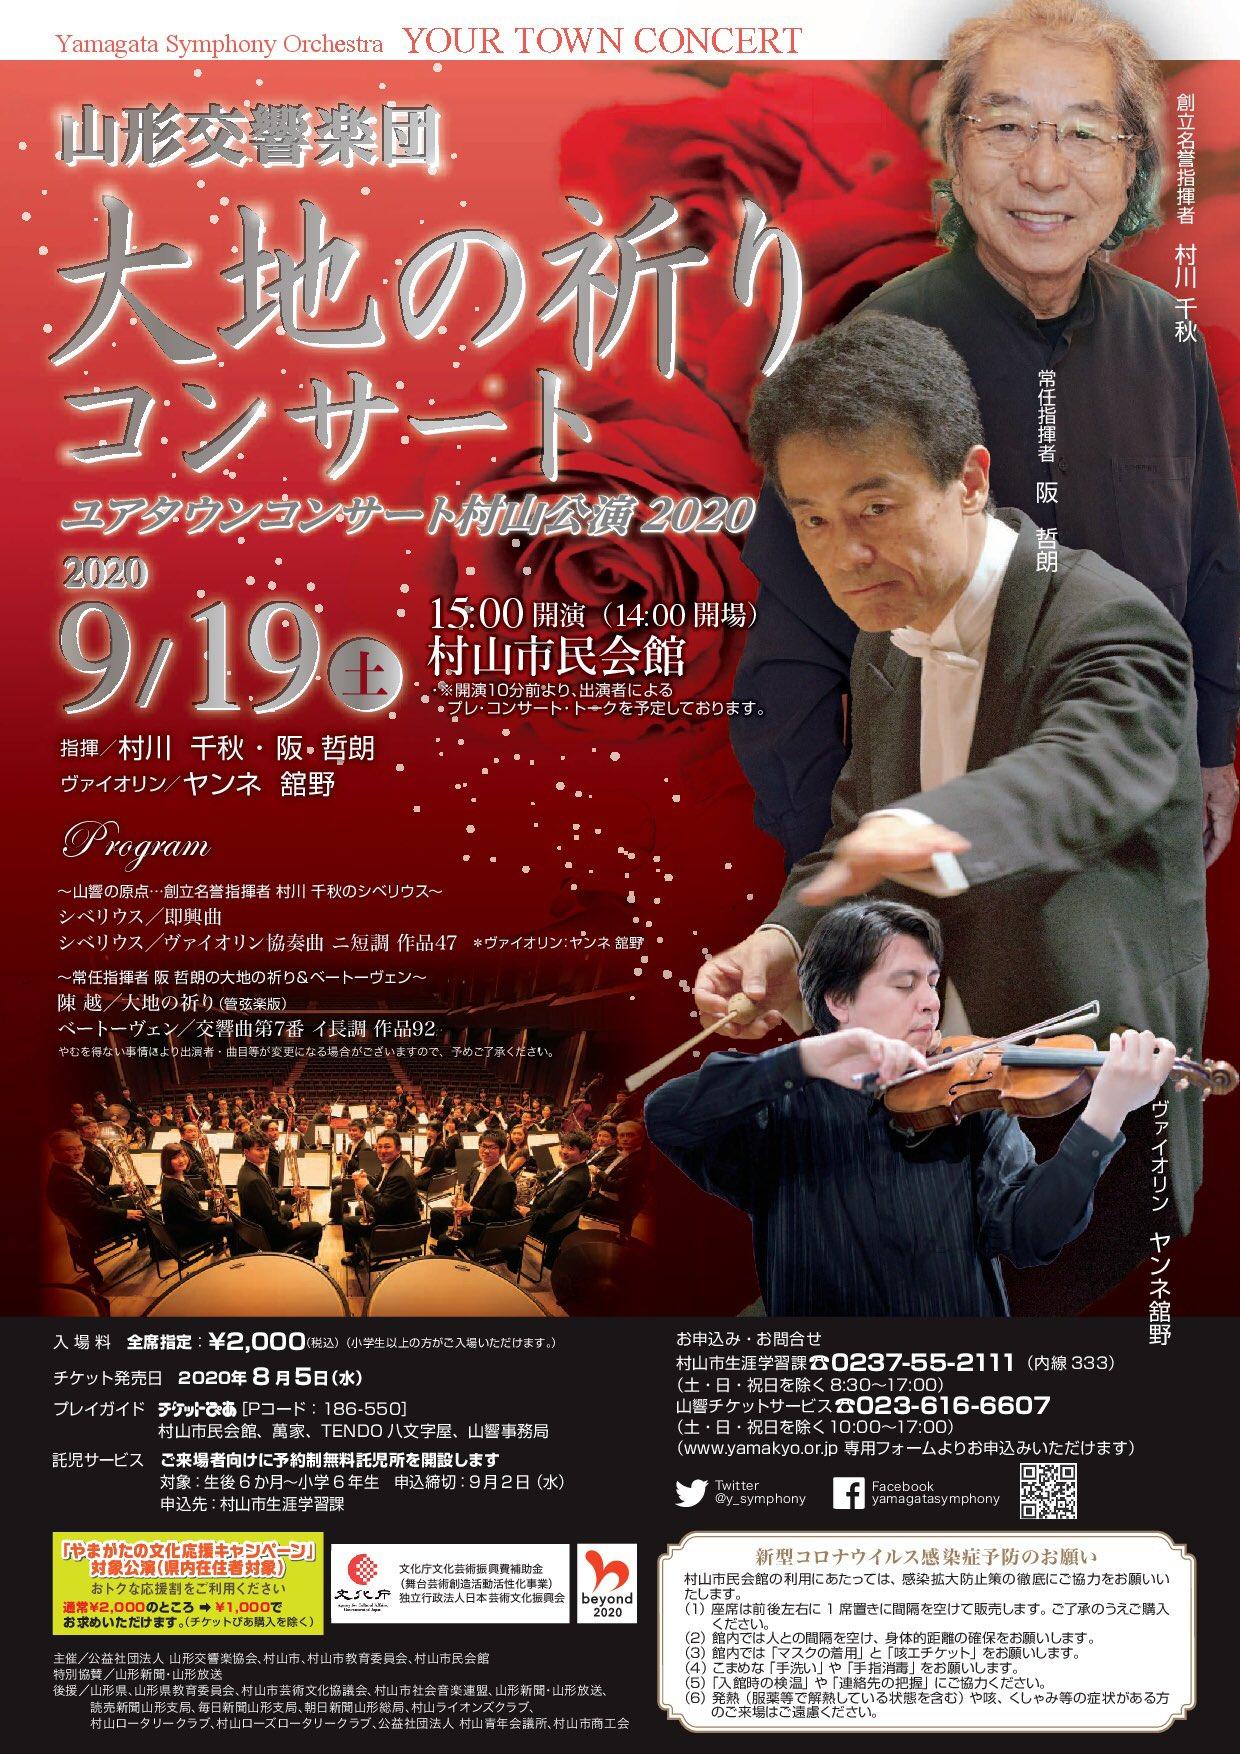 山形交響楽団<br> 大地の祈りコンサート2020